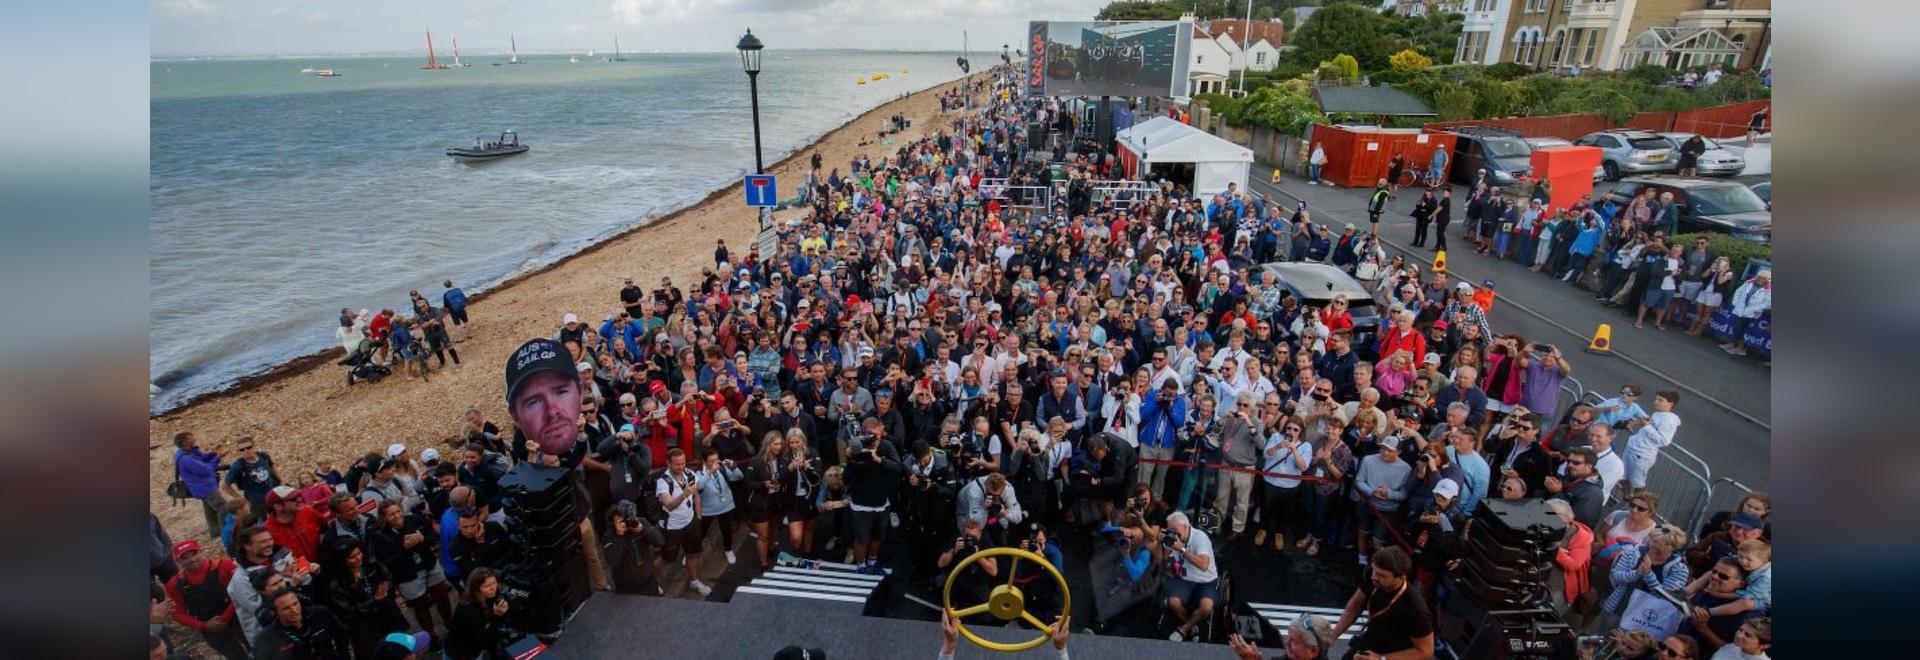 SailGP kehrt zum ersten europäischen Event in der zweiten Saison nach Großbritannien zurück